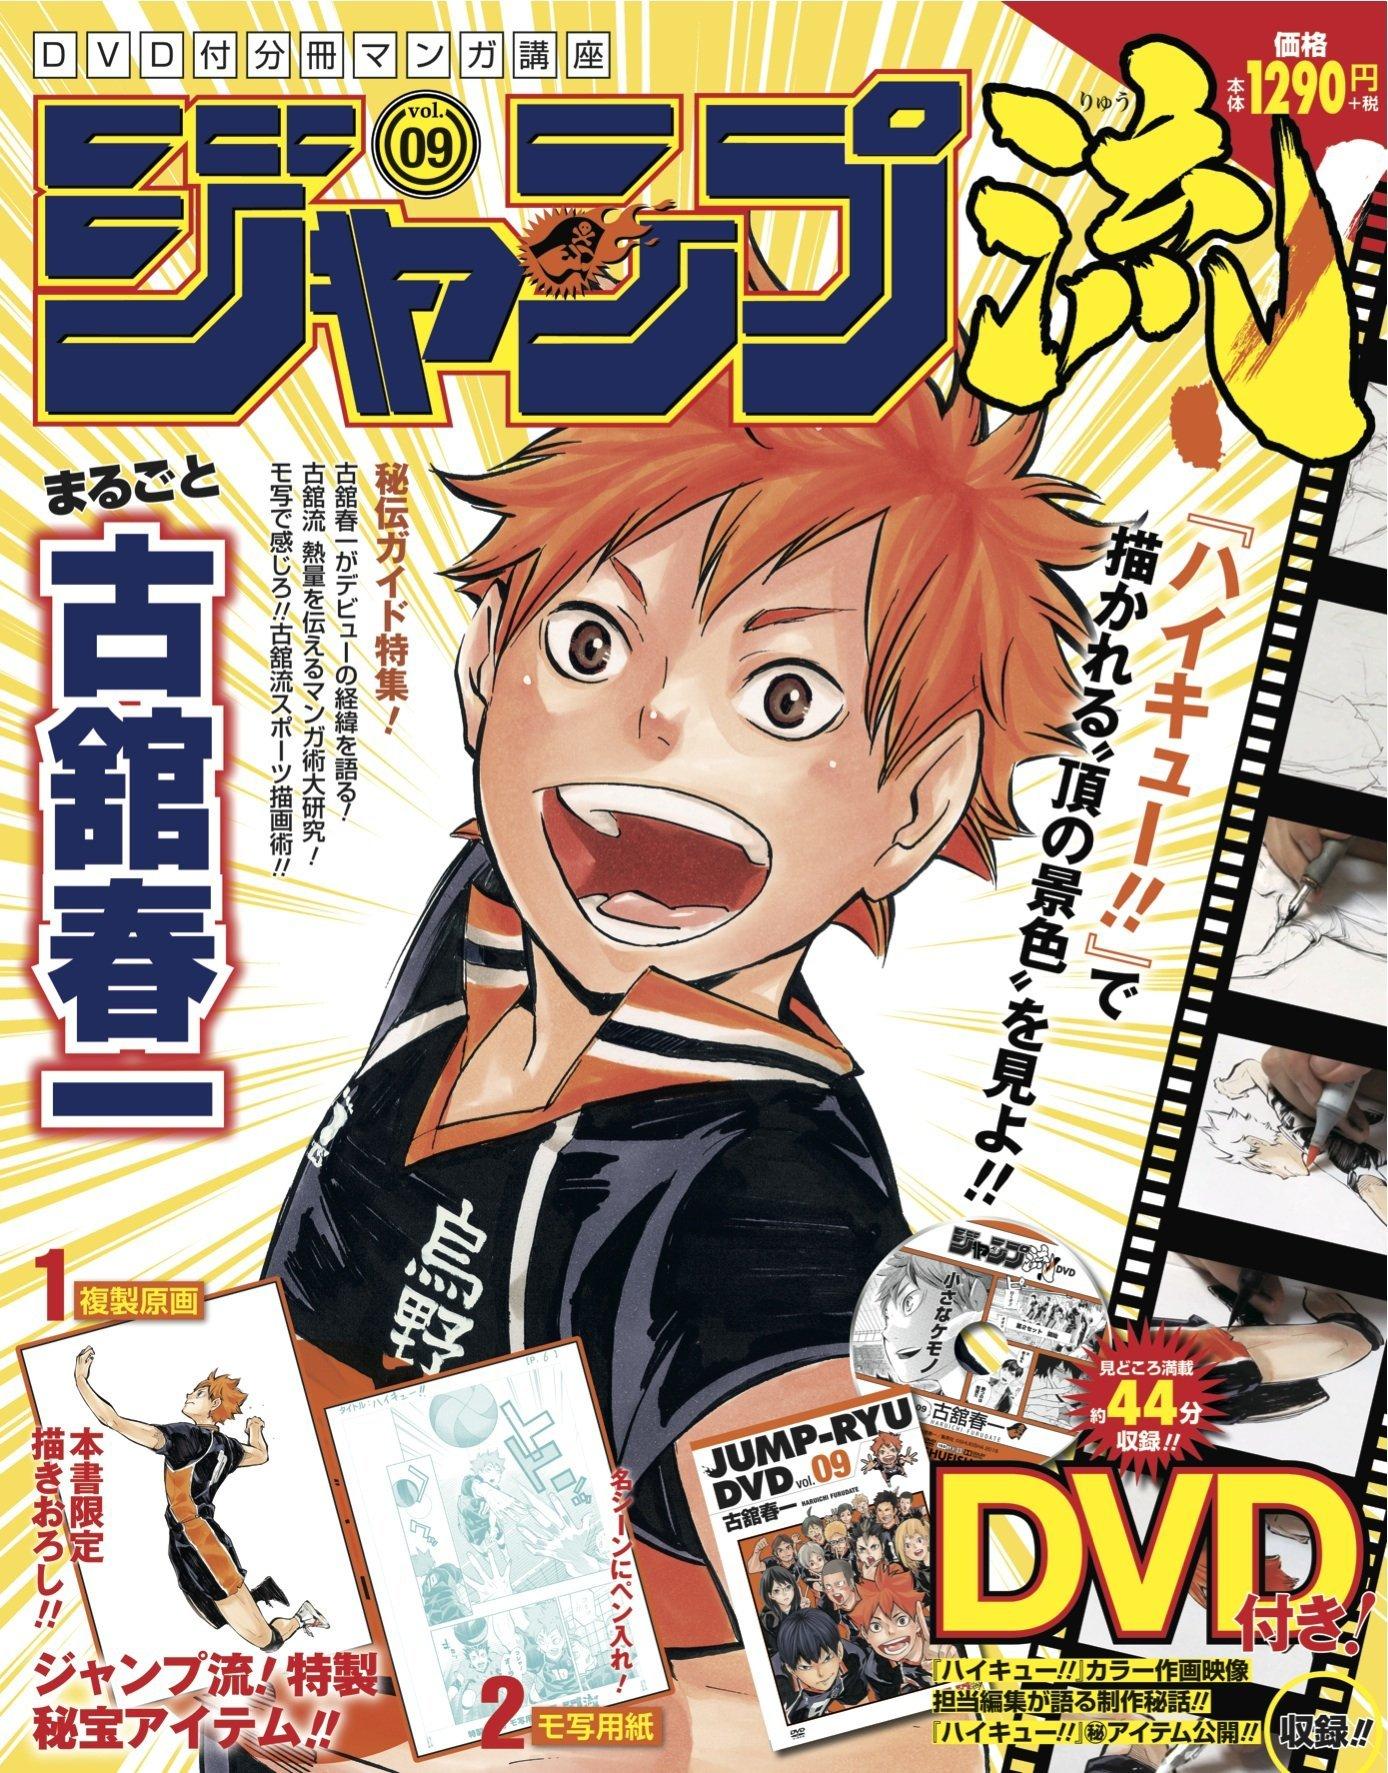 ジャンプ流! DVD付分冊マンガ講座 9巻